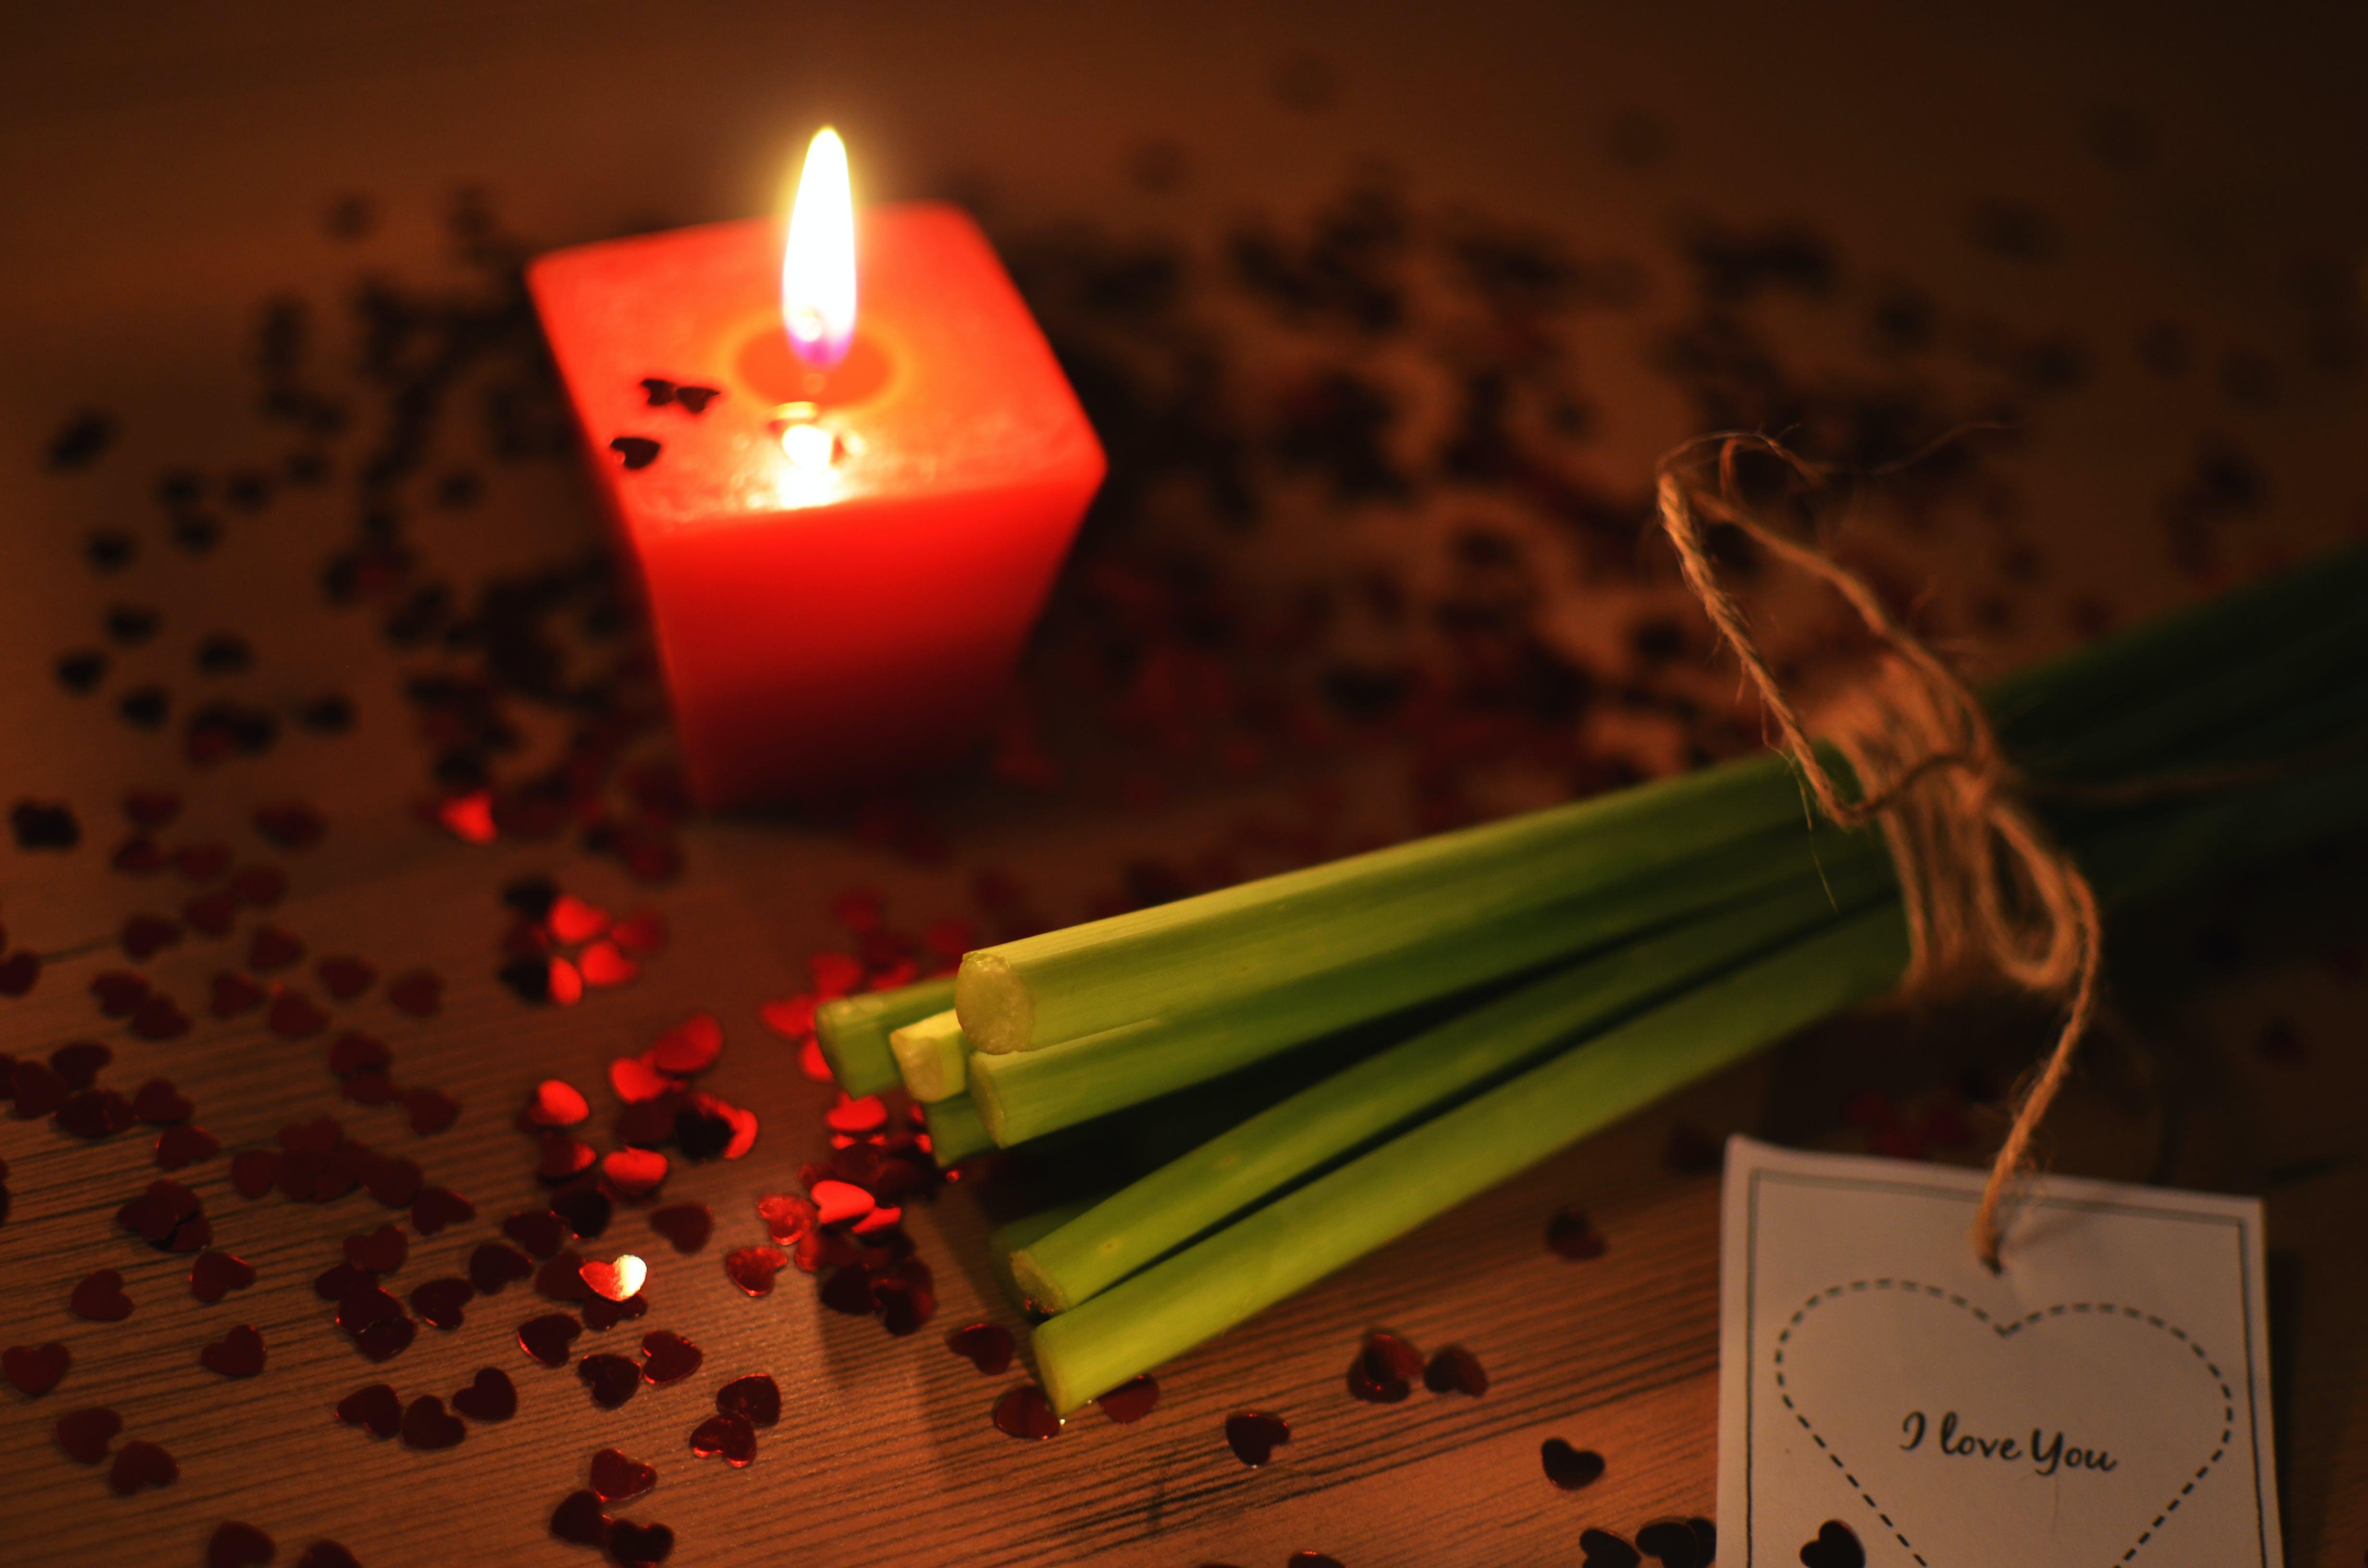 Kostenloses Stock Foto zu geschenk, kerzenlicht, liebe, romantik